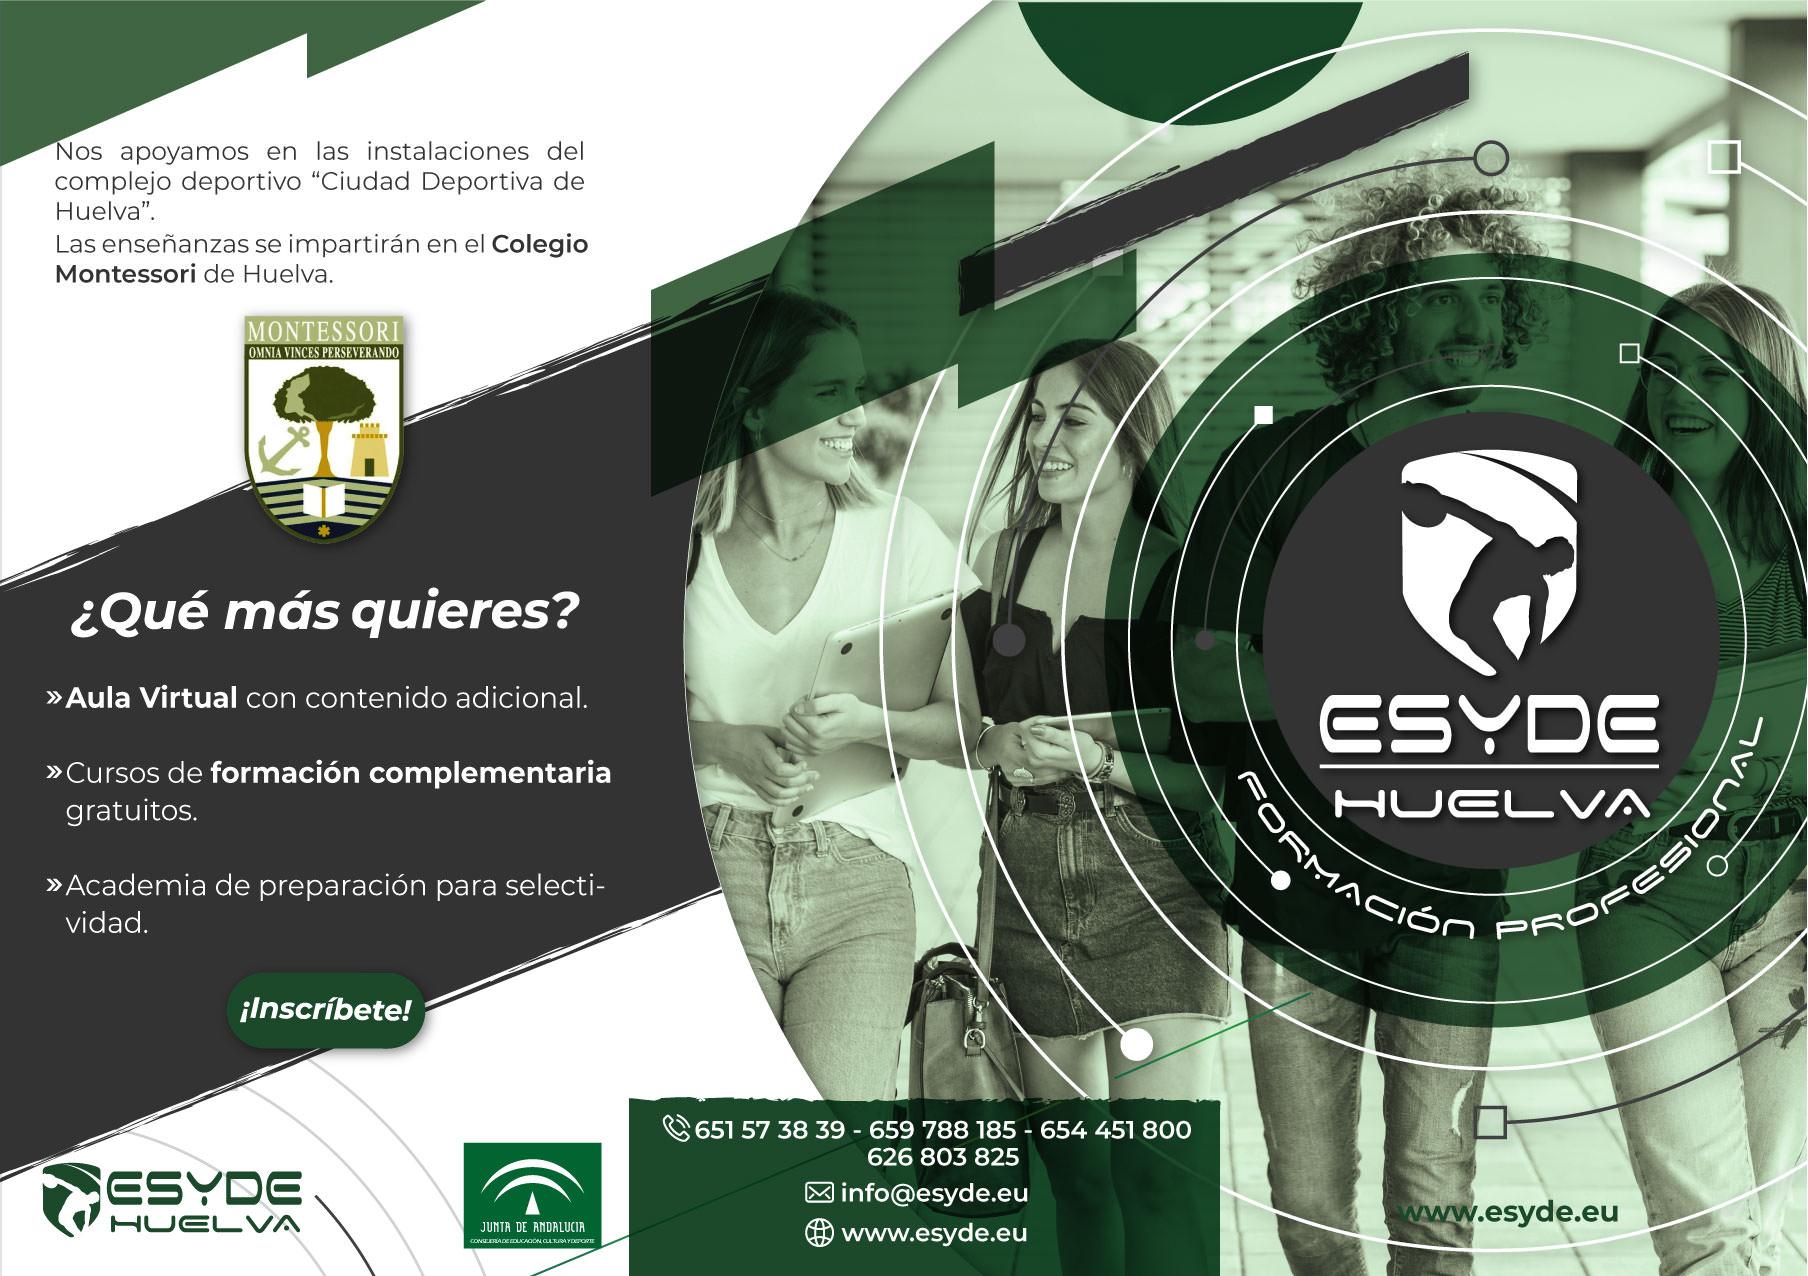 Nuevo Tafad Esyde Formación Huelva Centros Recomendados